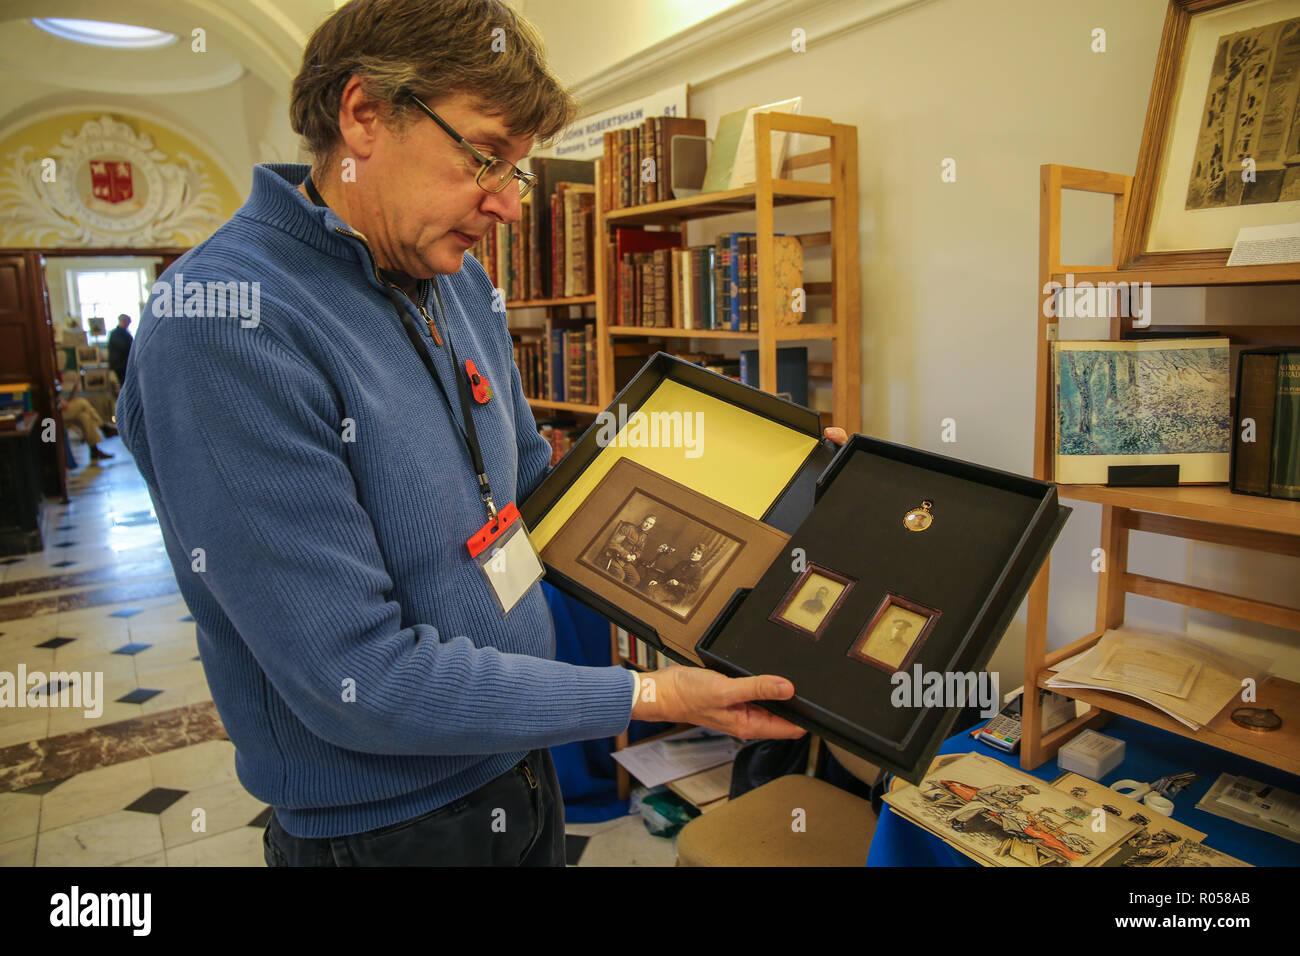 London UK 02 novembre 2018 l'ABA (Antiquarian Book Association) Chelsea Foire du livre rare au Chelsea Old Town Hall pour la 28ème édition avec plus de 80 exposants spécialisés dans tous les types de livres, manuscrits, cartes, gravures, et des documents éphémères, avec de fantastiques offres comme la seconde guerre mondiale, l'une privée agissant au plus tard le sergent Walter Keeble signé part le premier jour de la Somme lettre autographe signée; deux pages sur l'Hôpital général de Northampton note de tête papier, datée du 12 juillet 1916. Avec des photographies de Keeble et sa femme Quezada-Neiman @Paul/Alamy Live News Banque D'Images